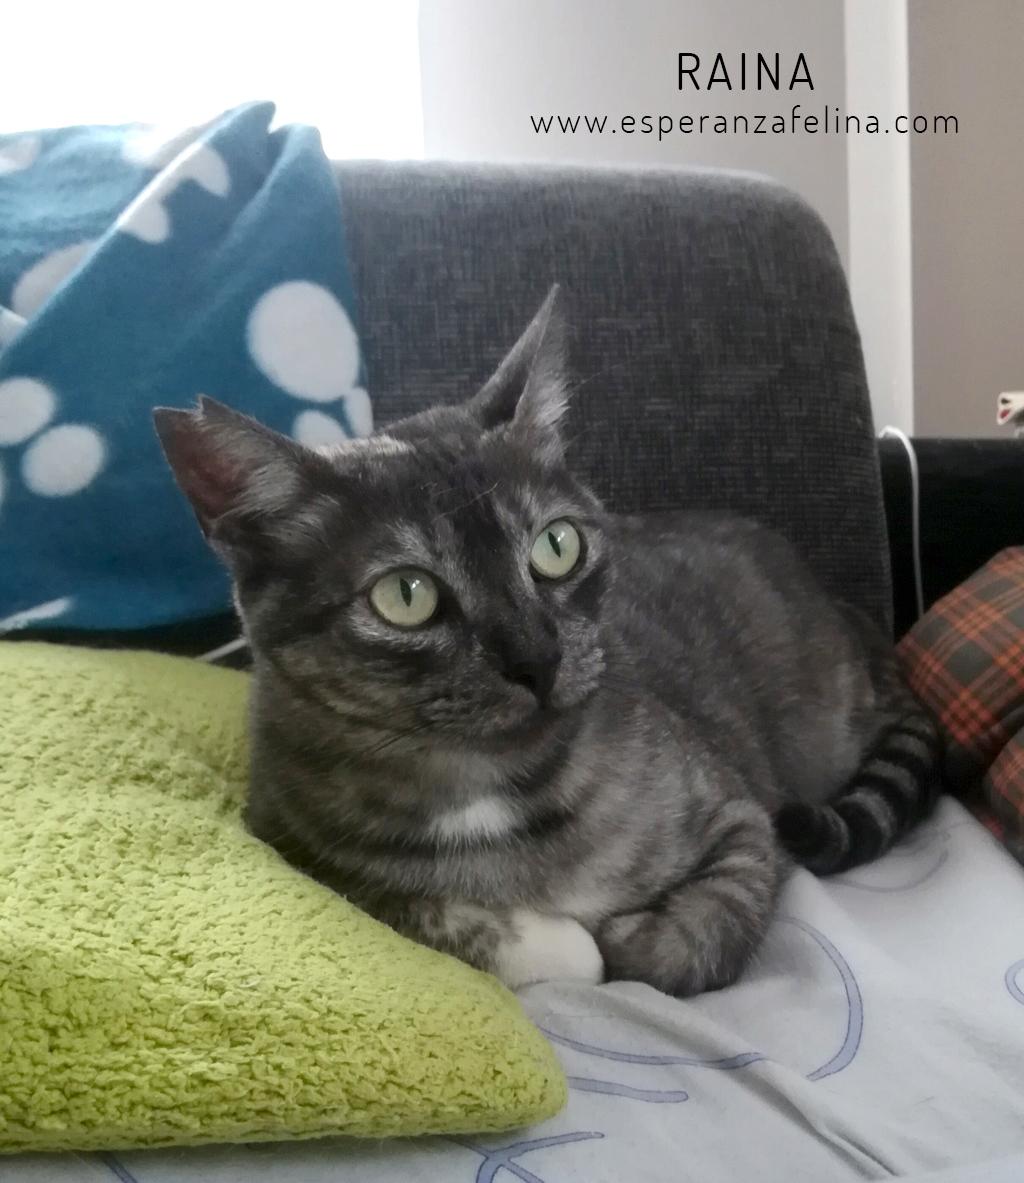 Raina, preciosa gatita busca adopción (F. N. aprox: 25/06/2015) Raina_11